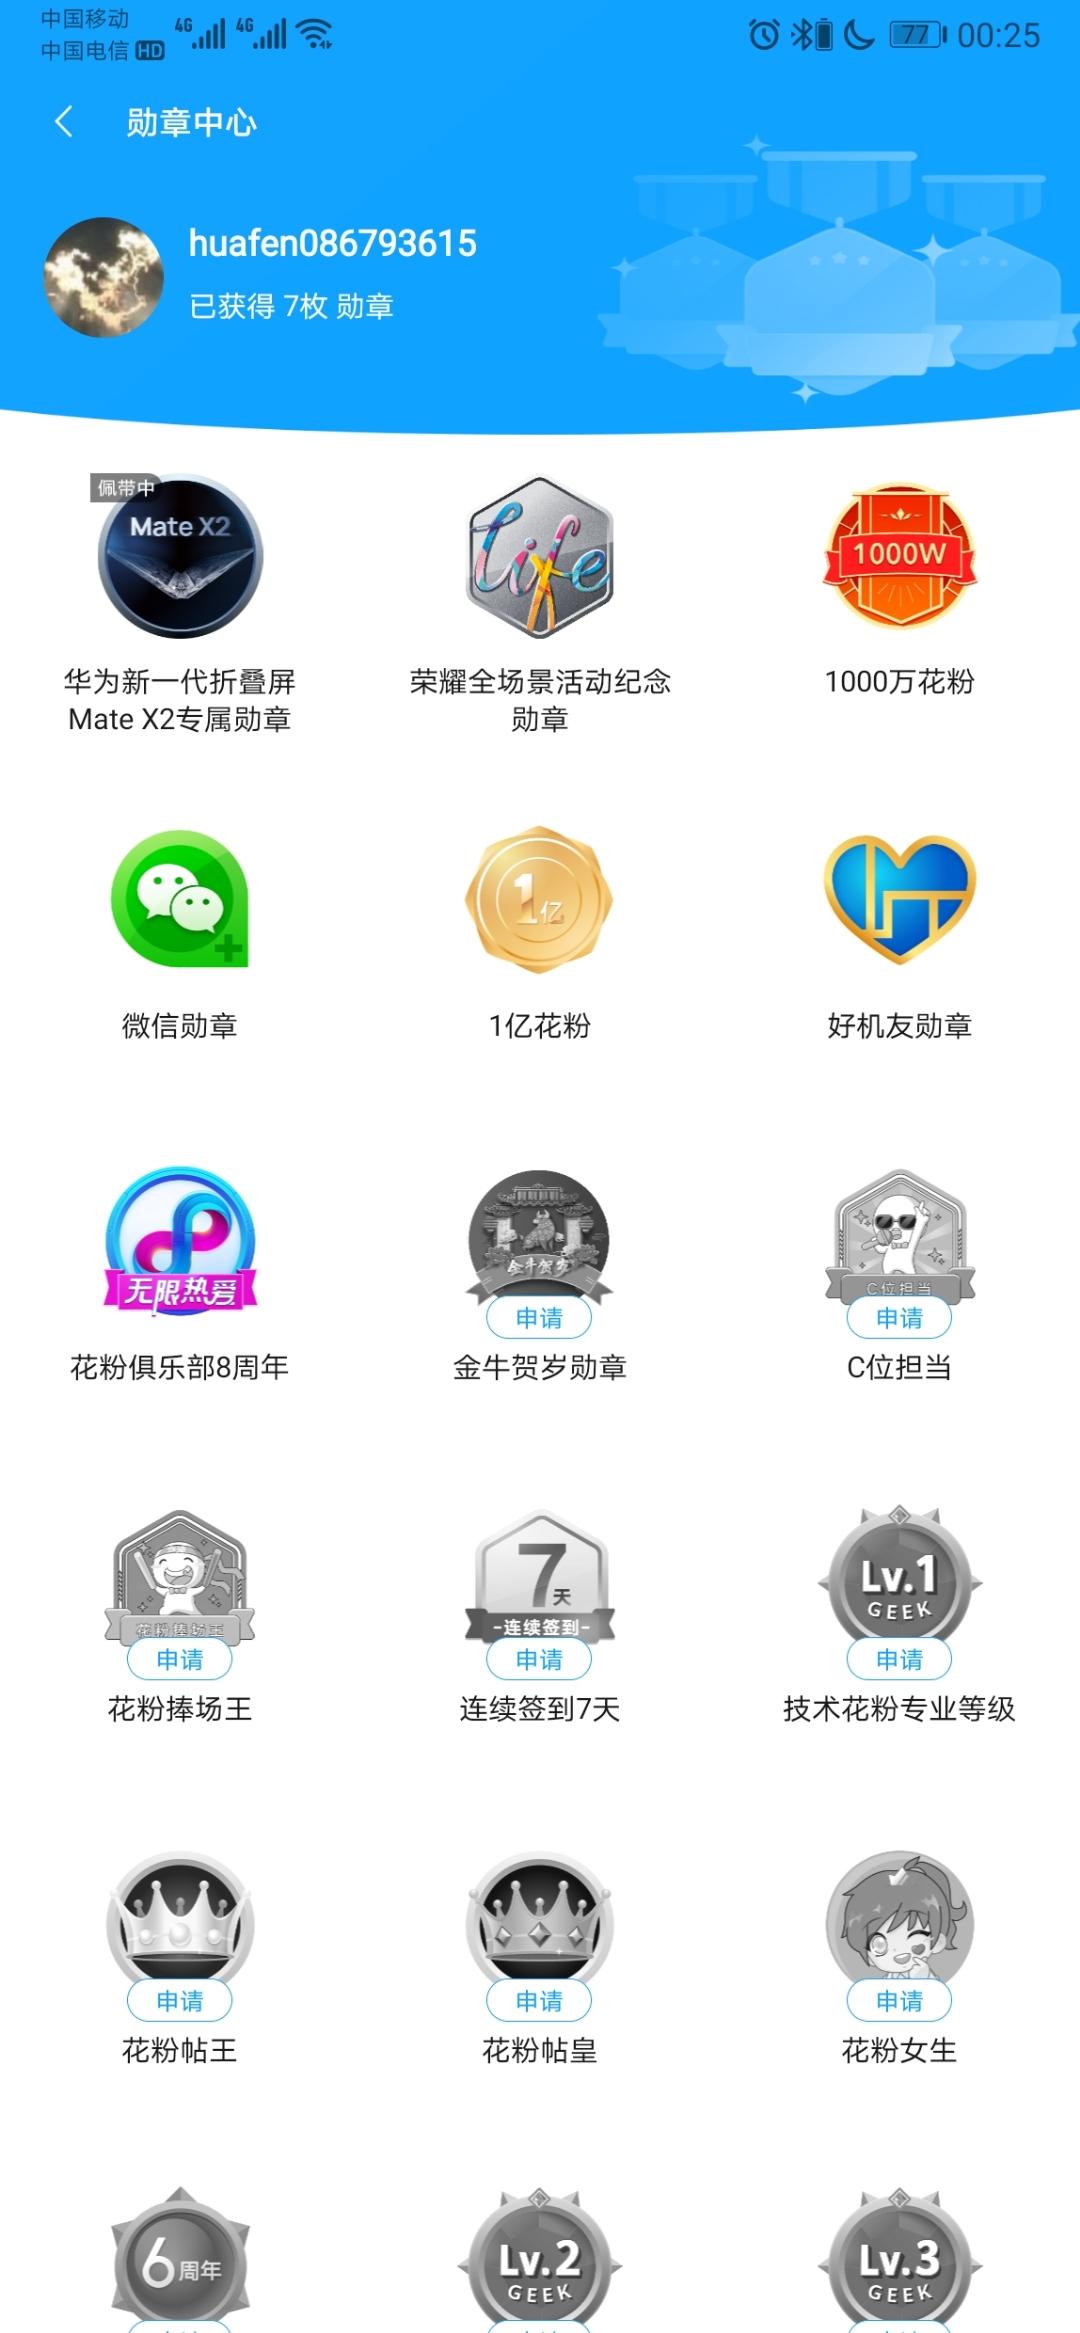 Screenshot_20210301_002506_com.huawei.fans.jpg